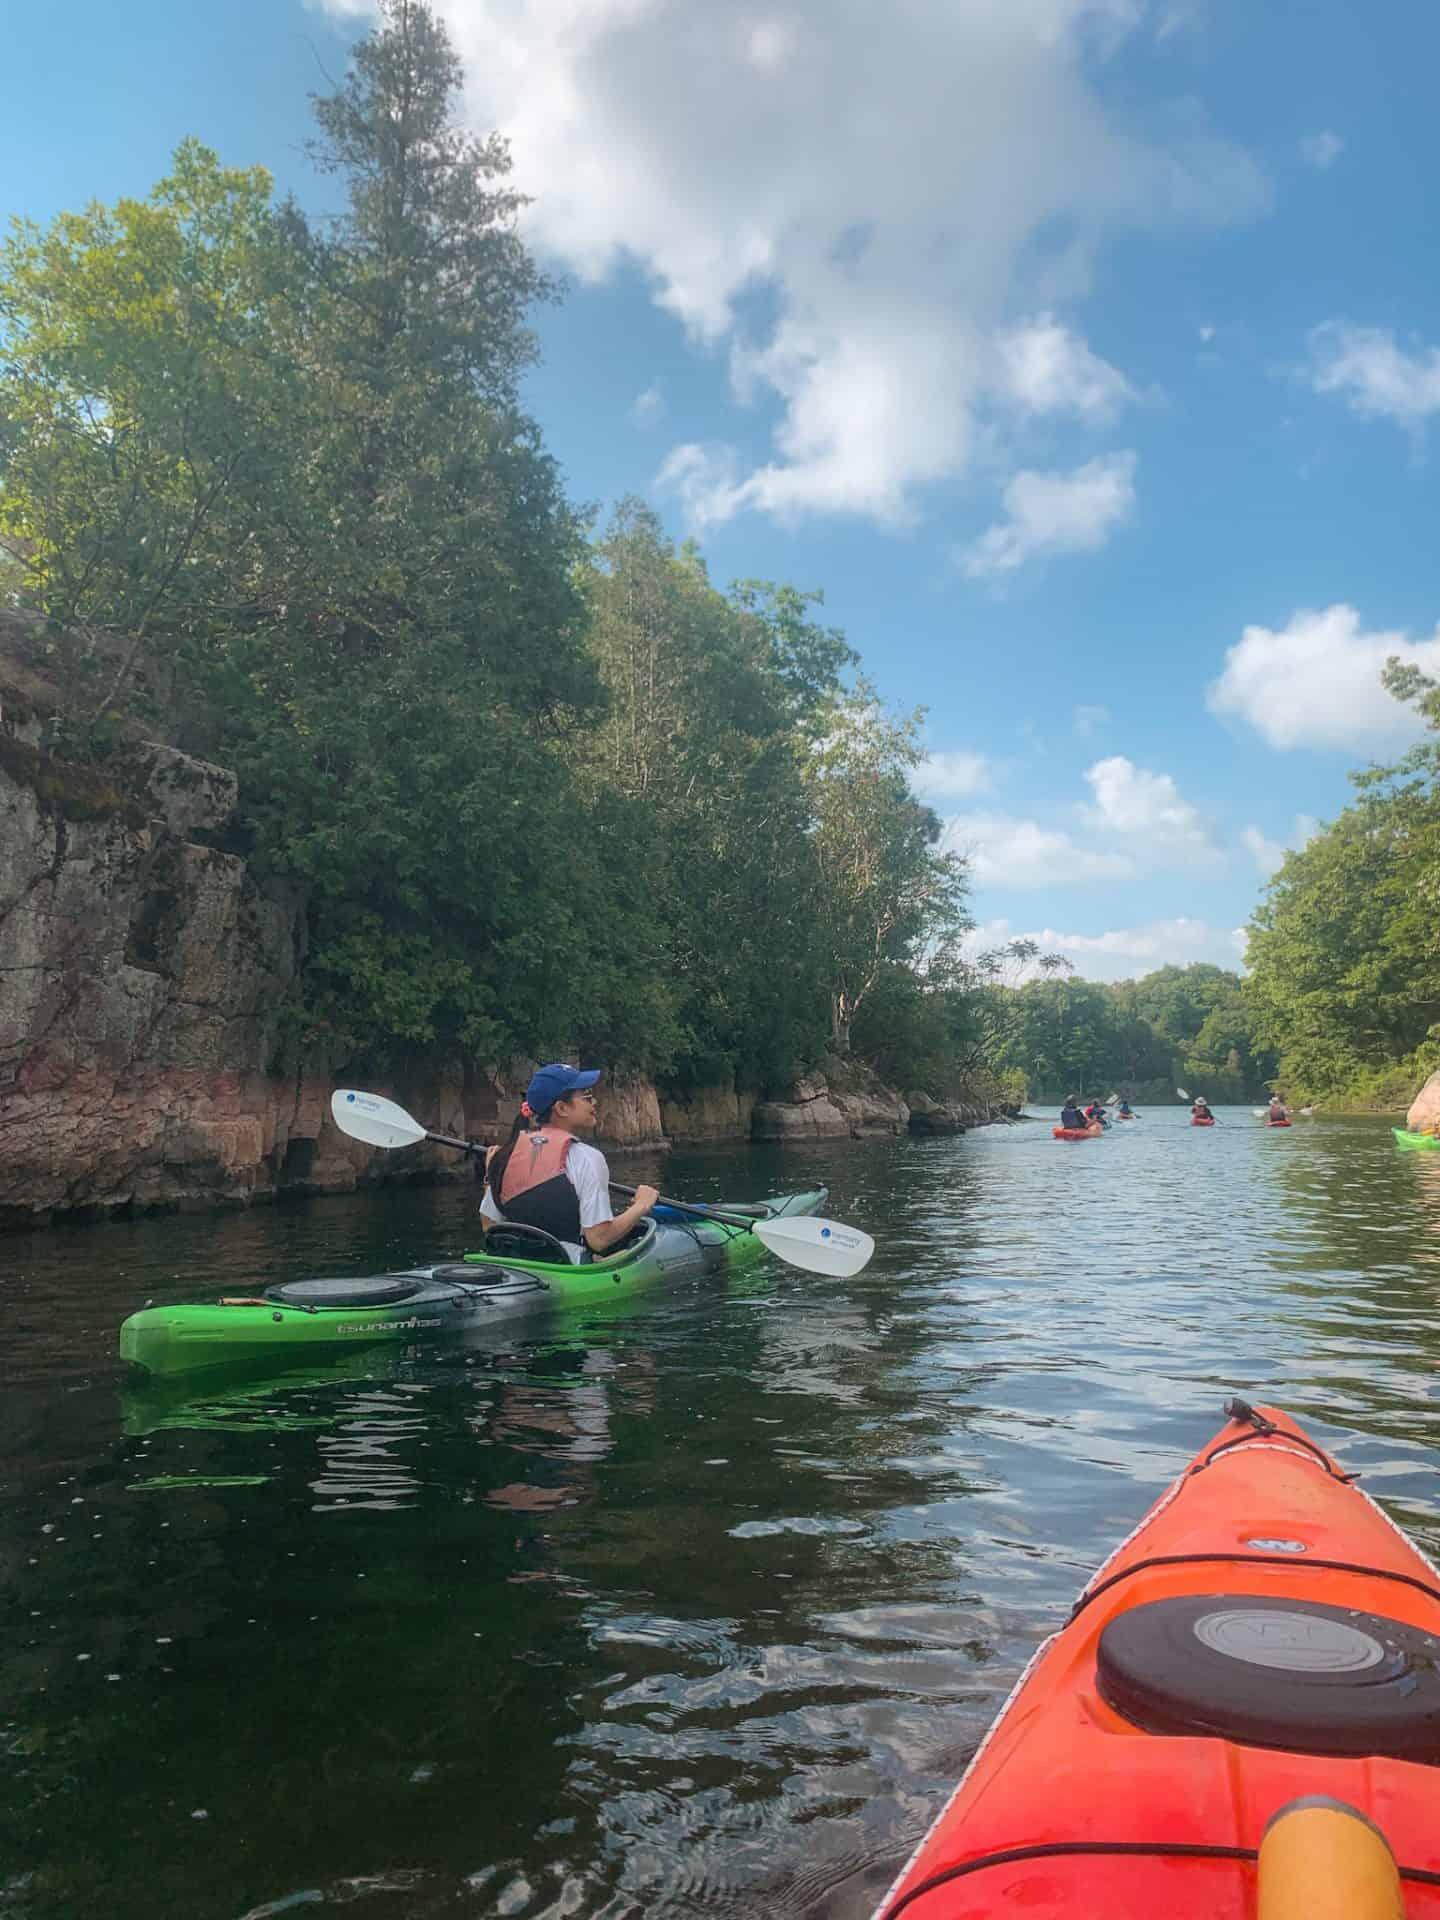 1000 Islands Kayaking in Gananoque, Ontario